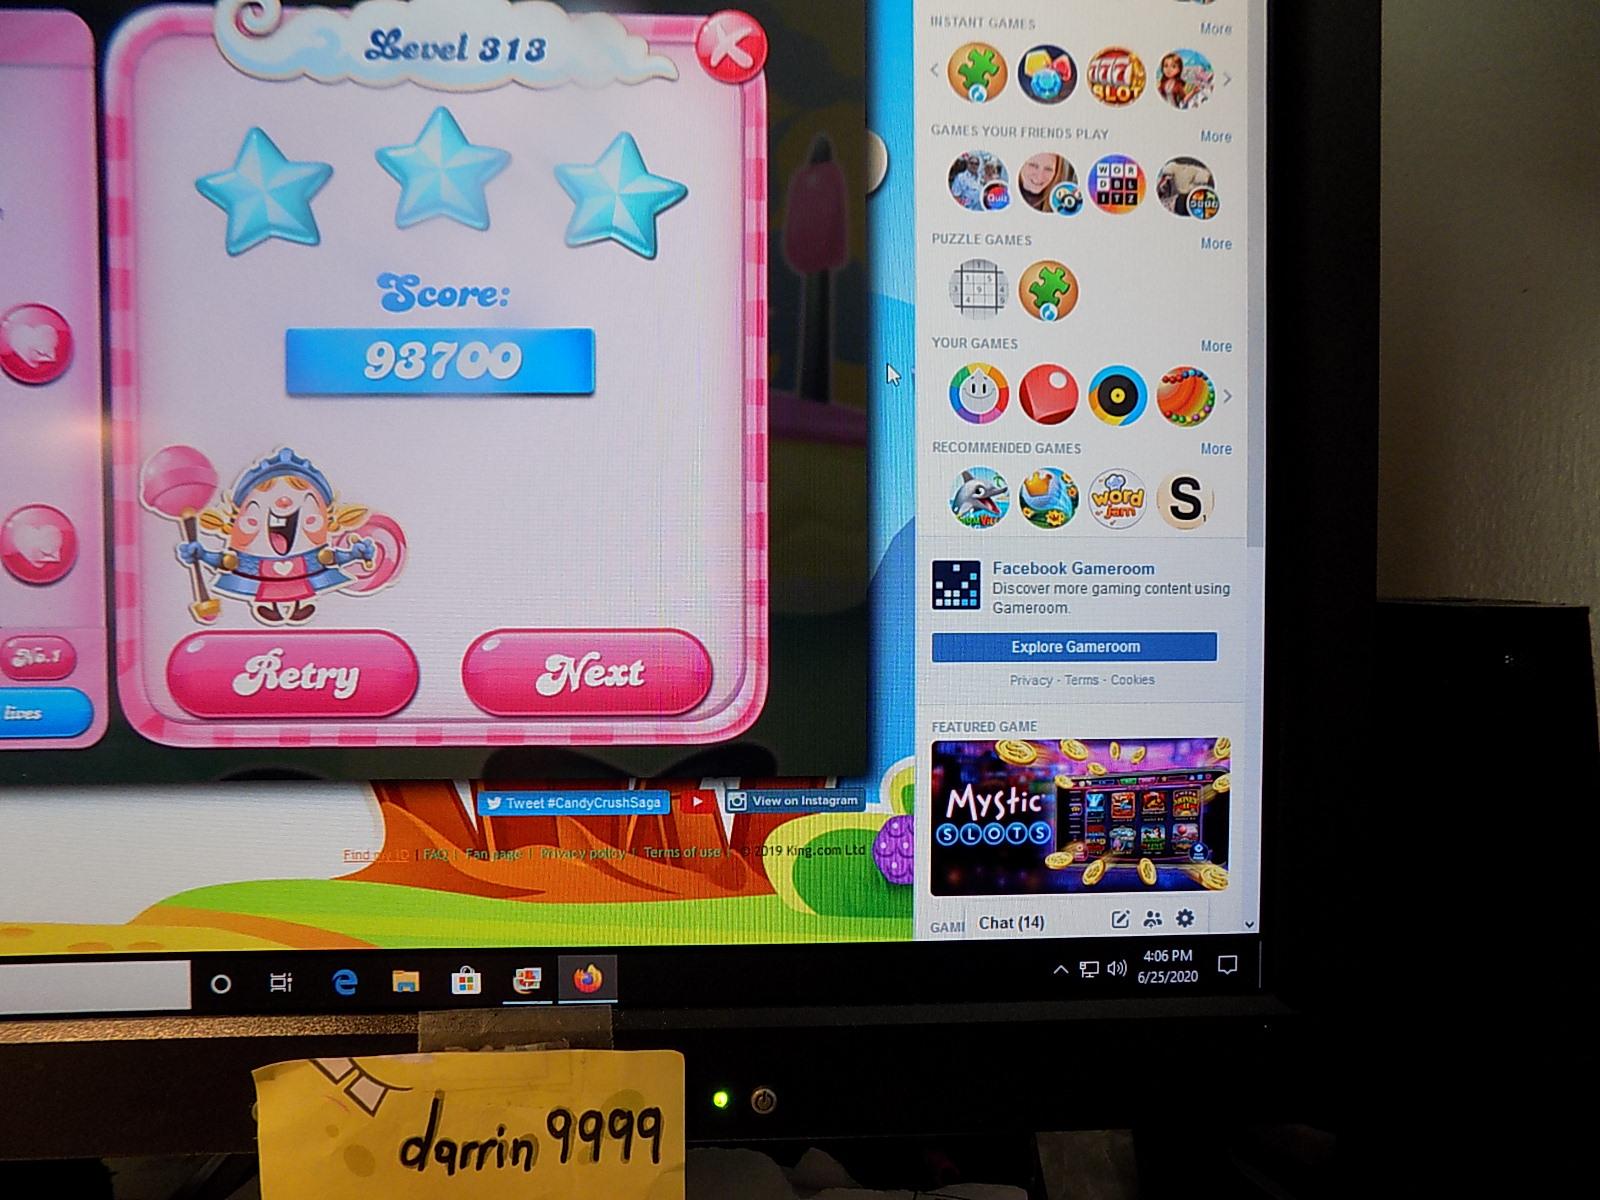 darrin9999: Candy Crush Saga: Level 313 (Web) 93,700 points on 2020-08-02 16:21:44